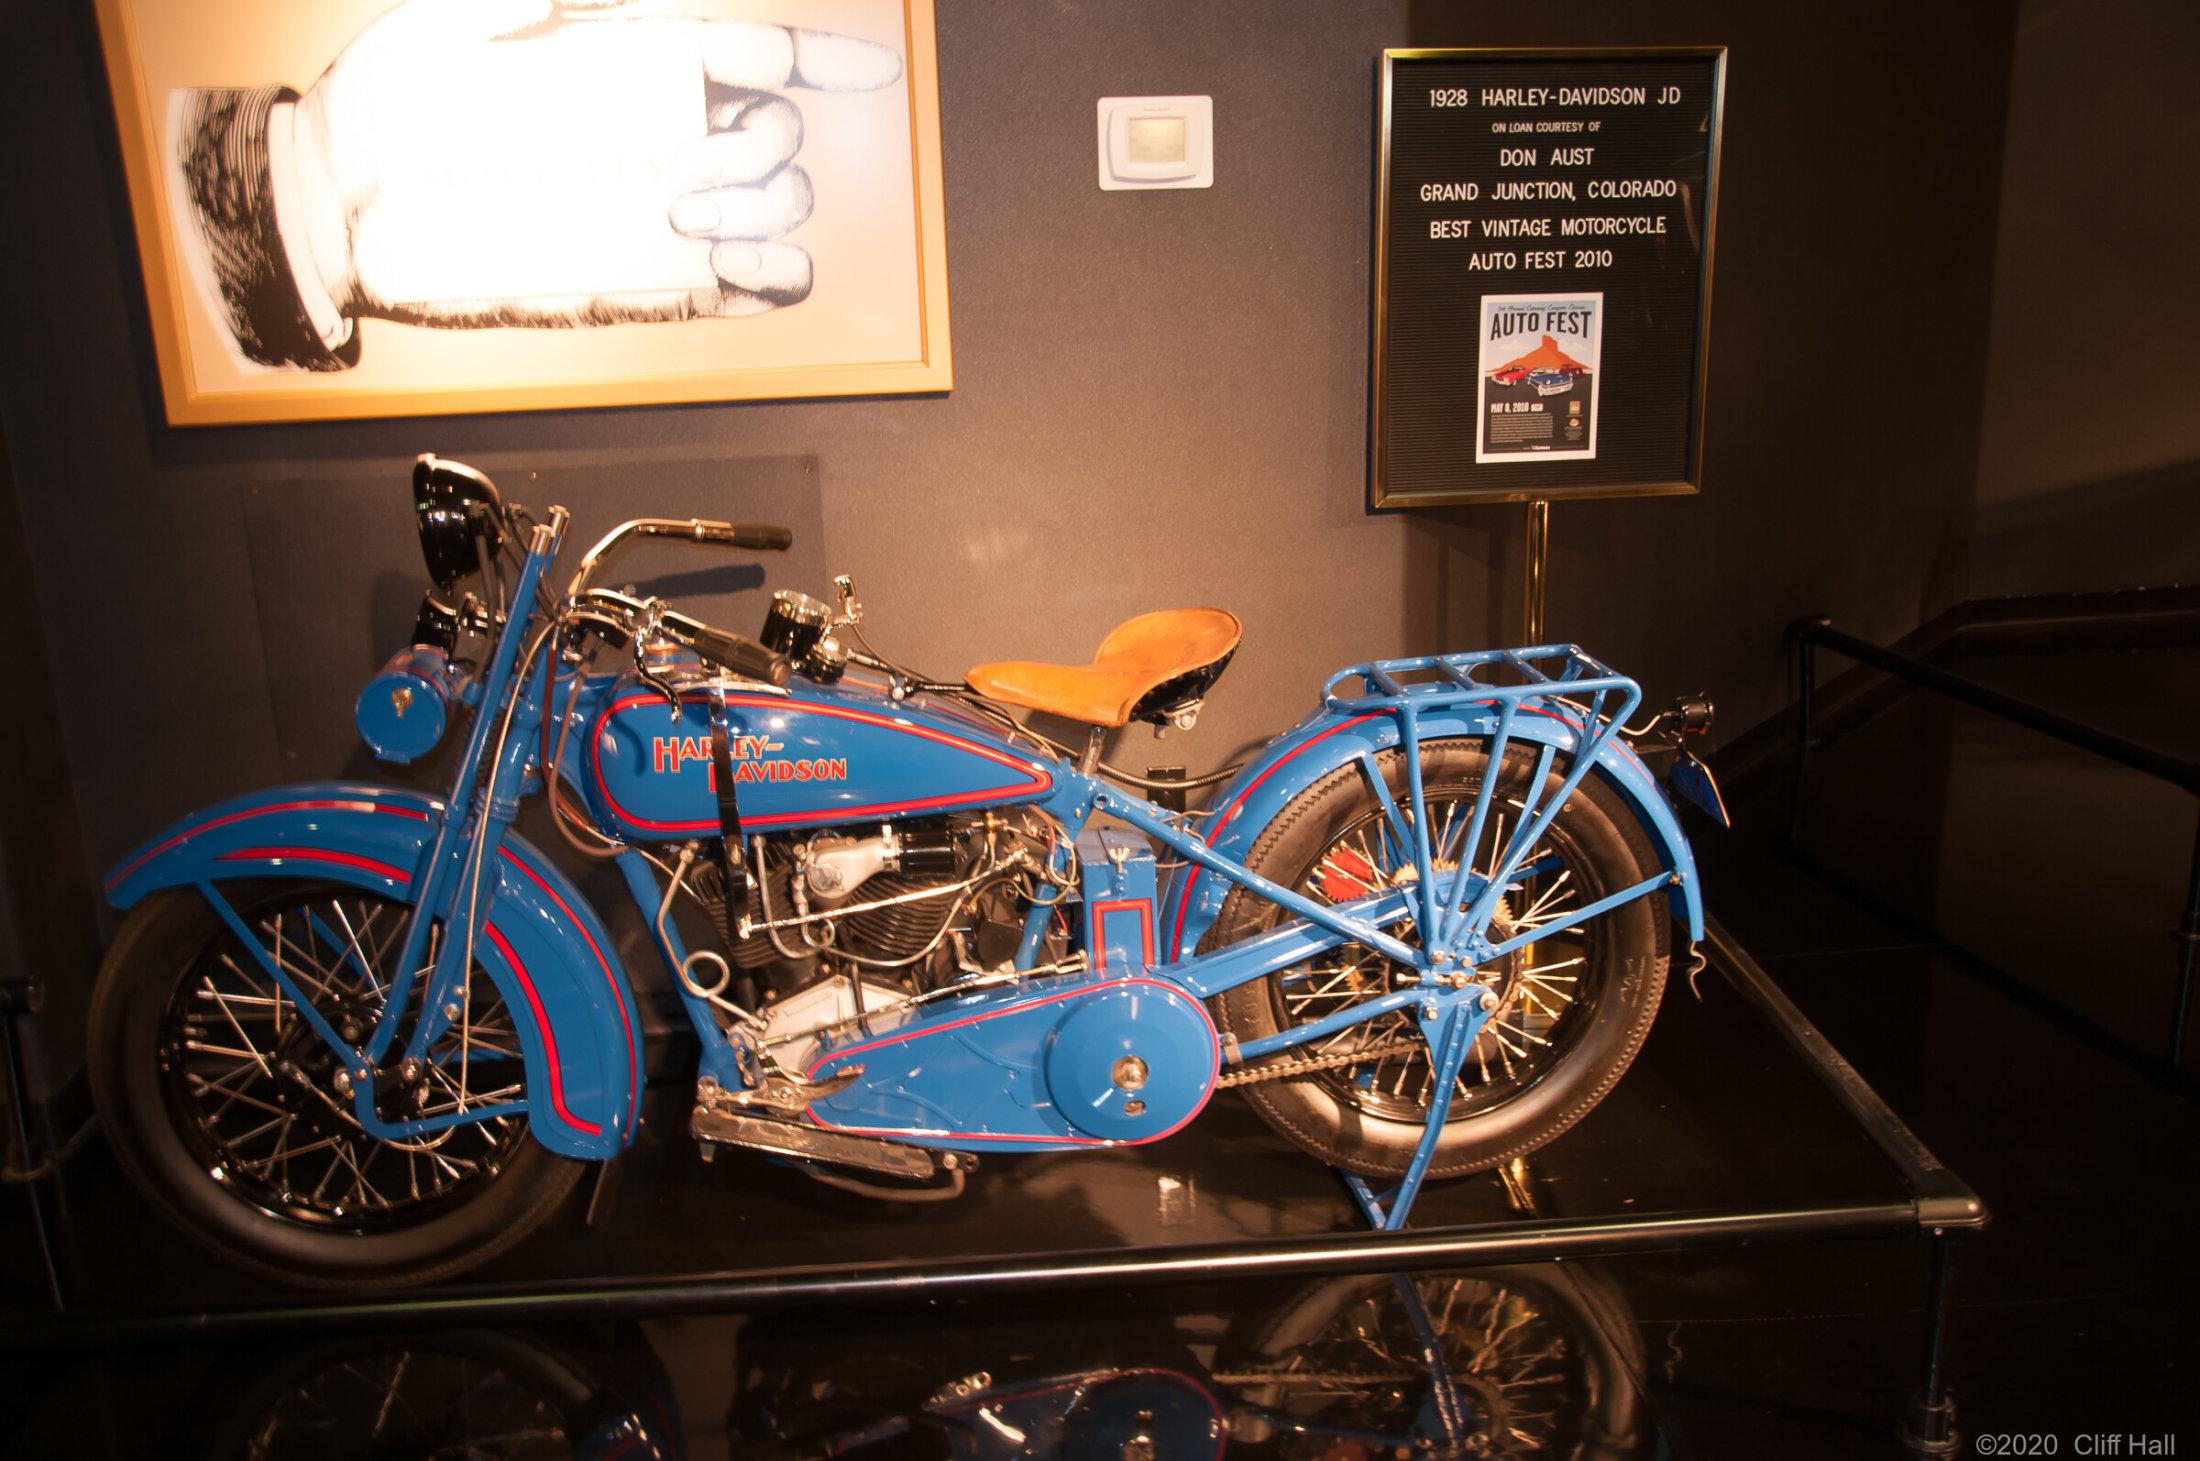 1928 Harley